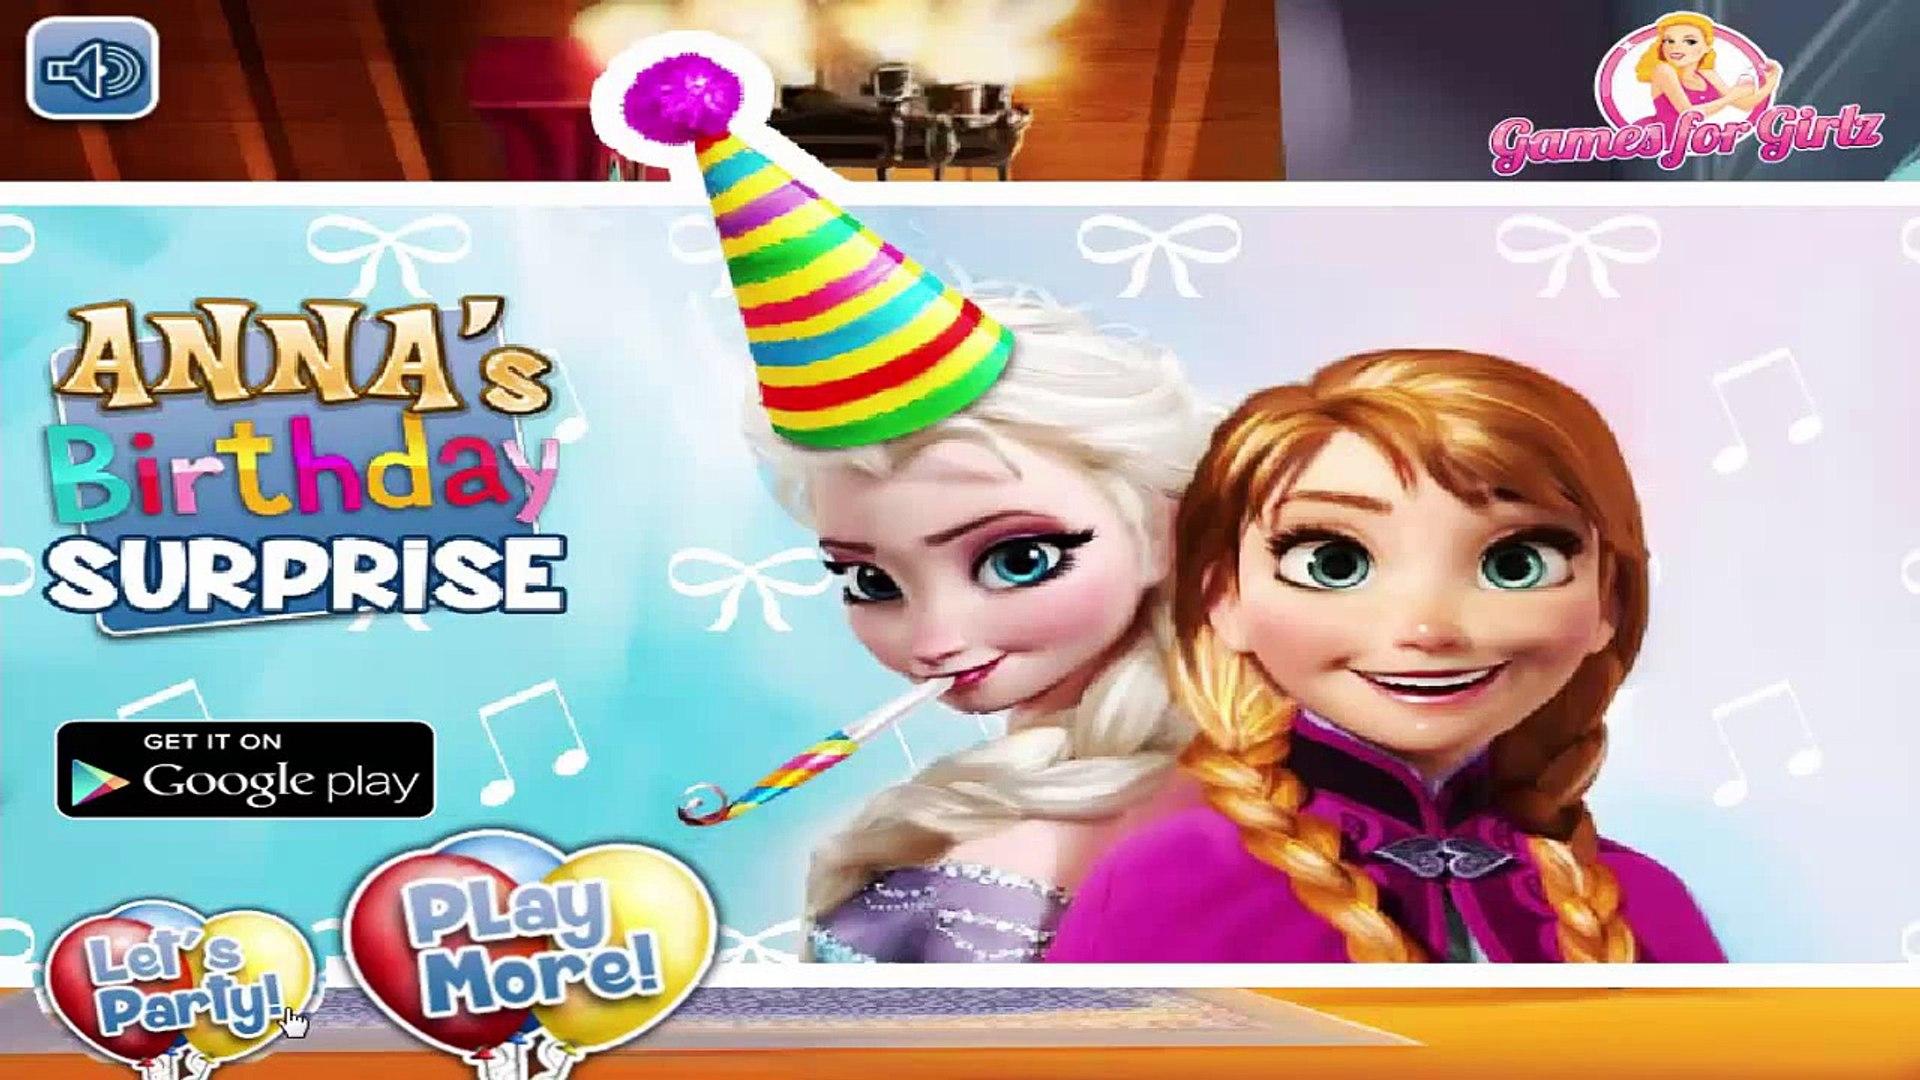 4. Анна на день рождения дисней эпизод справедливая замороженные Лего сюрприз ♥ arendelle